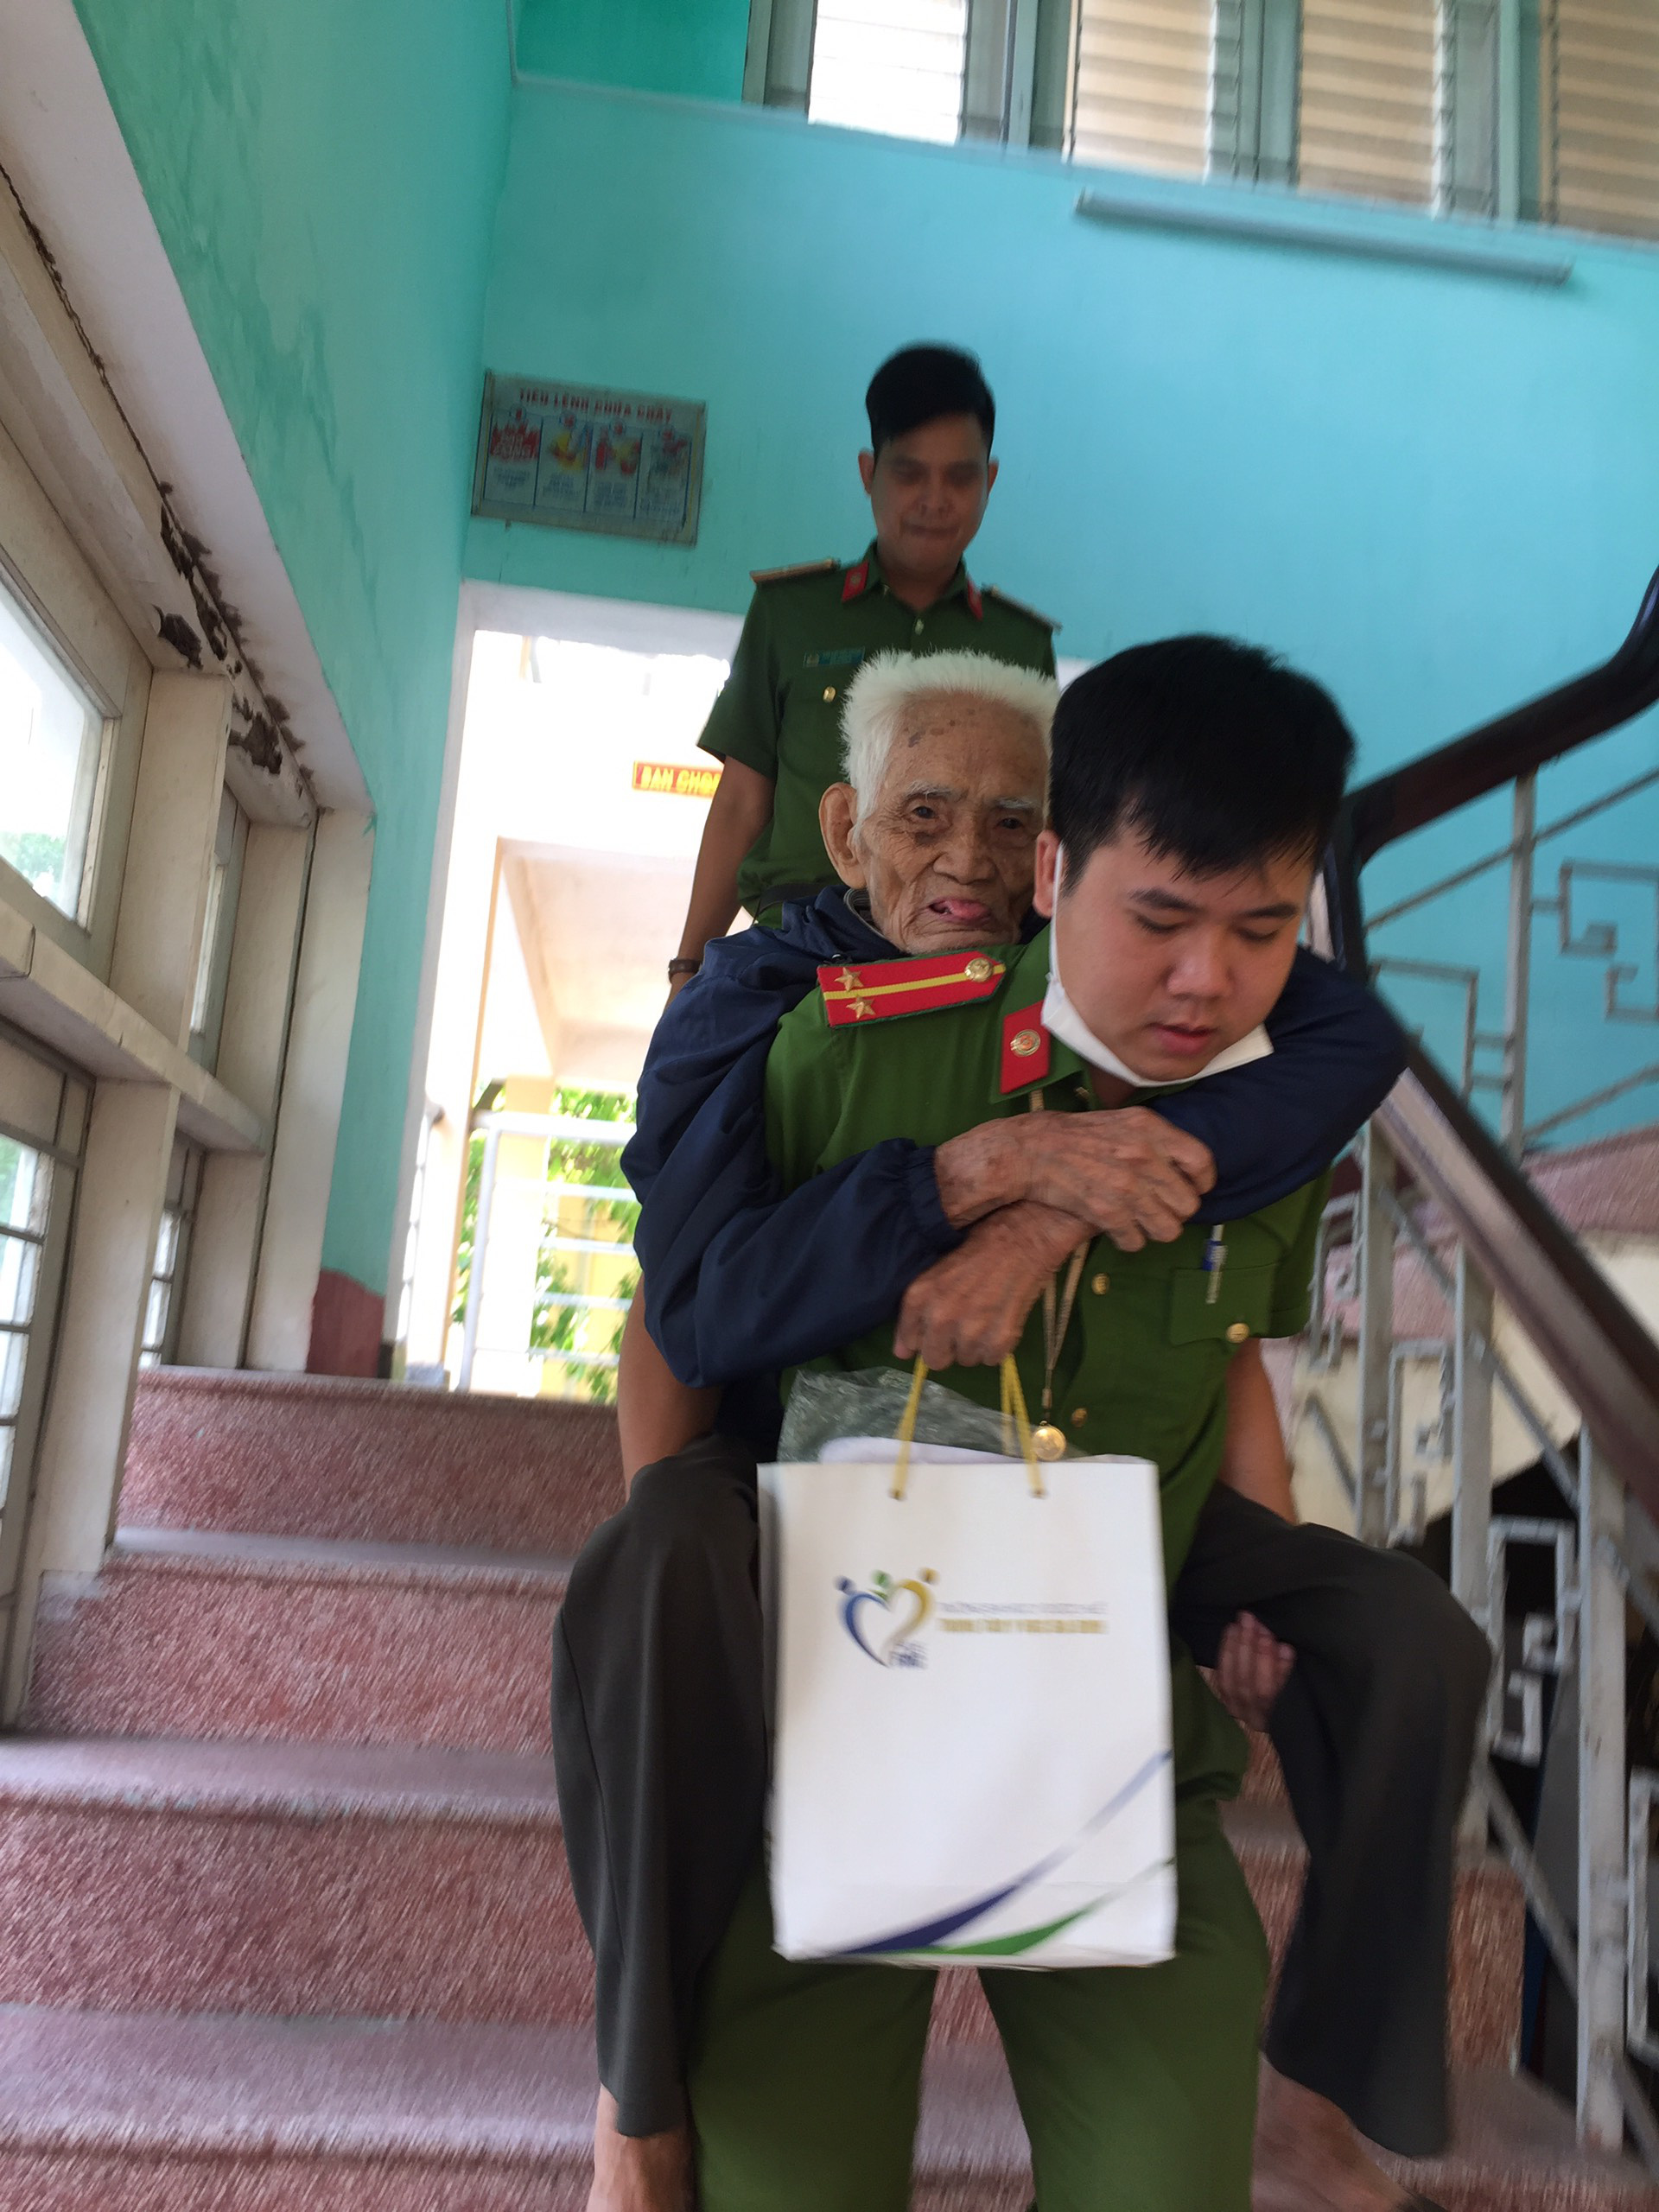 Xúc động hình ảnh các chiến sĩ công an giúp các cụ già đi làm căn cước công dân ở Huế - Ảnh 3.